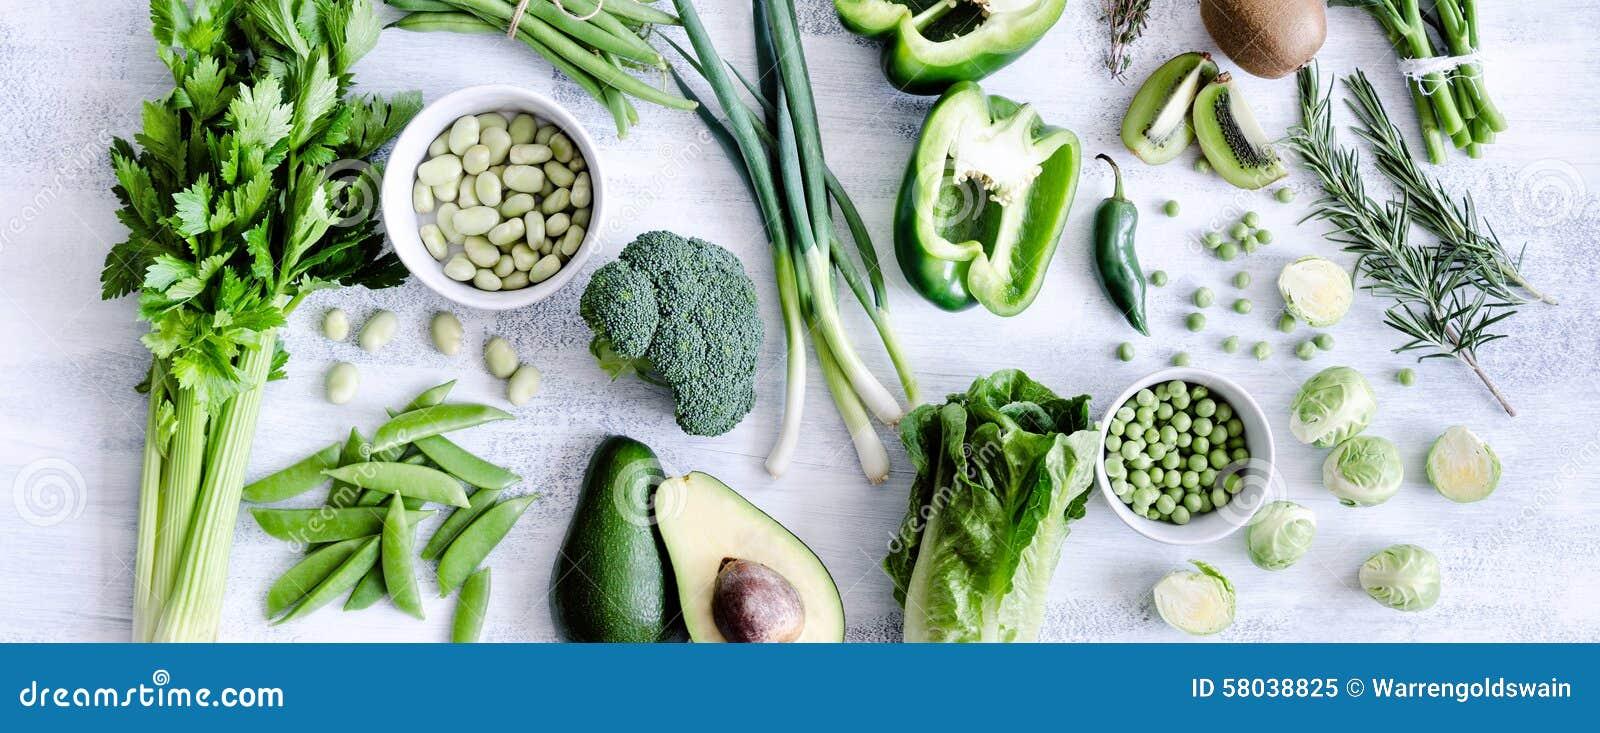 Raccolta assortita delle verdure verdi